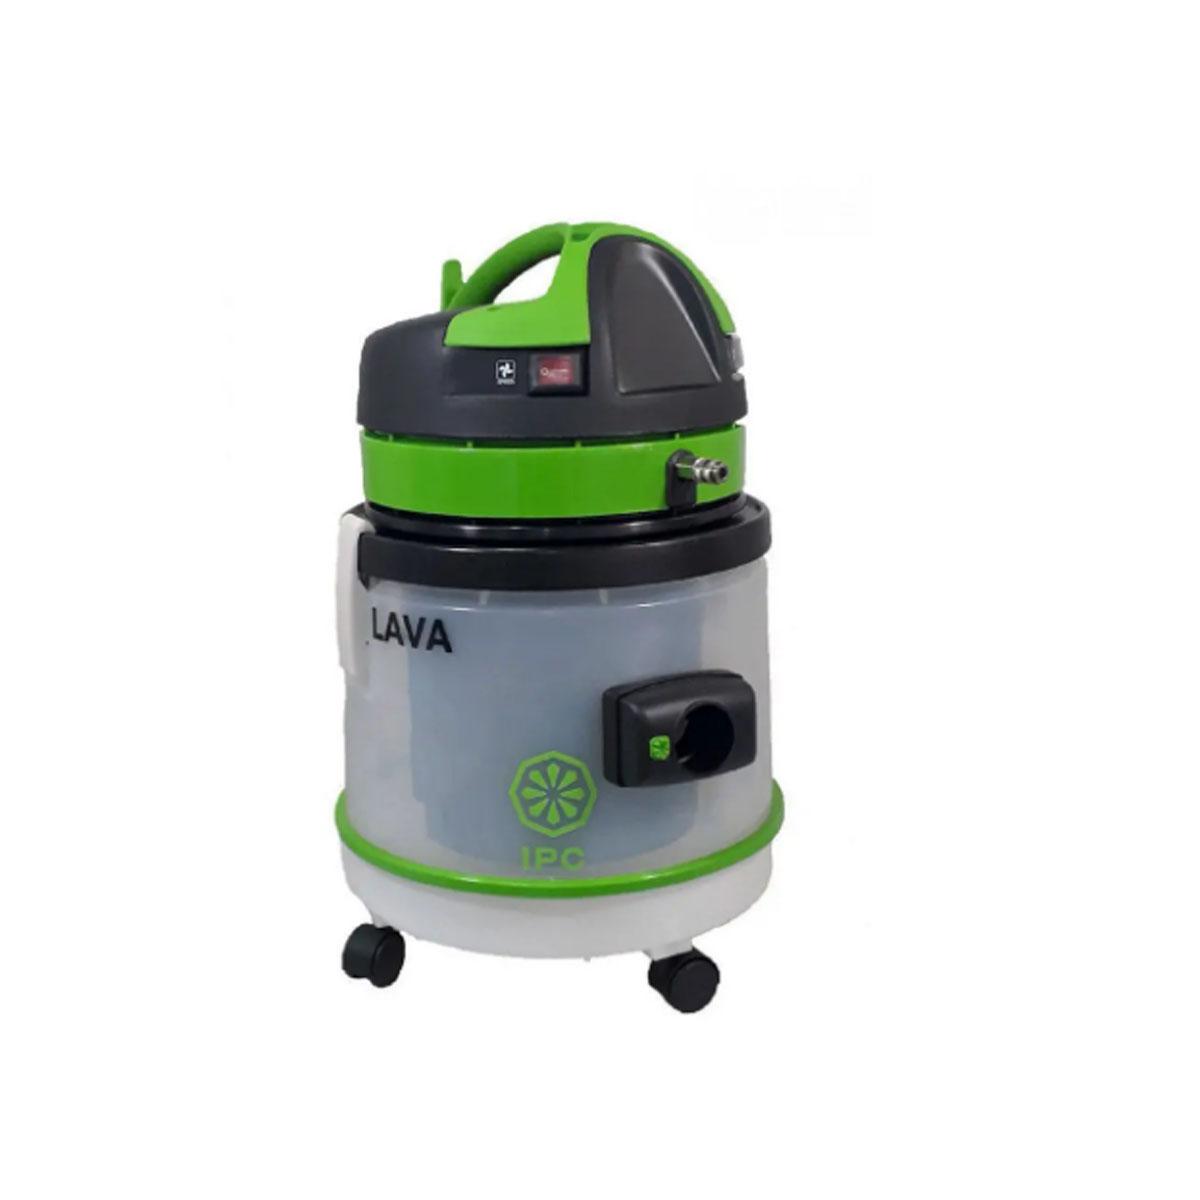 Aspirador e Extratora Lava Pro EP127 1200W 110v IPC Soteco